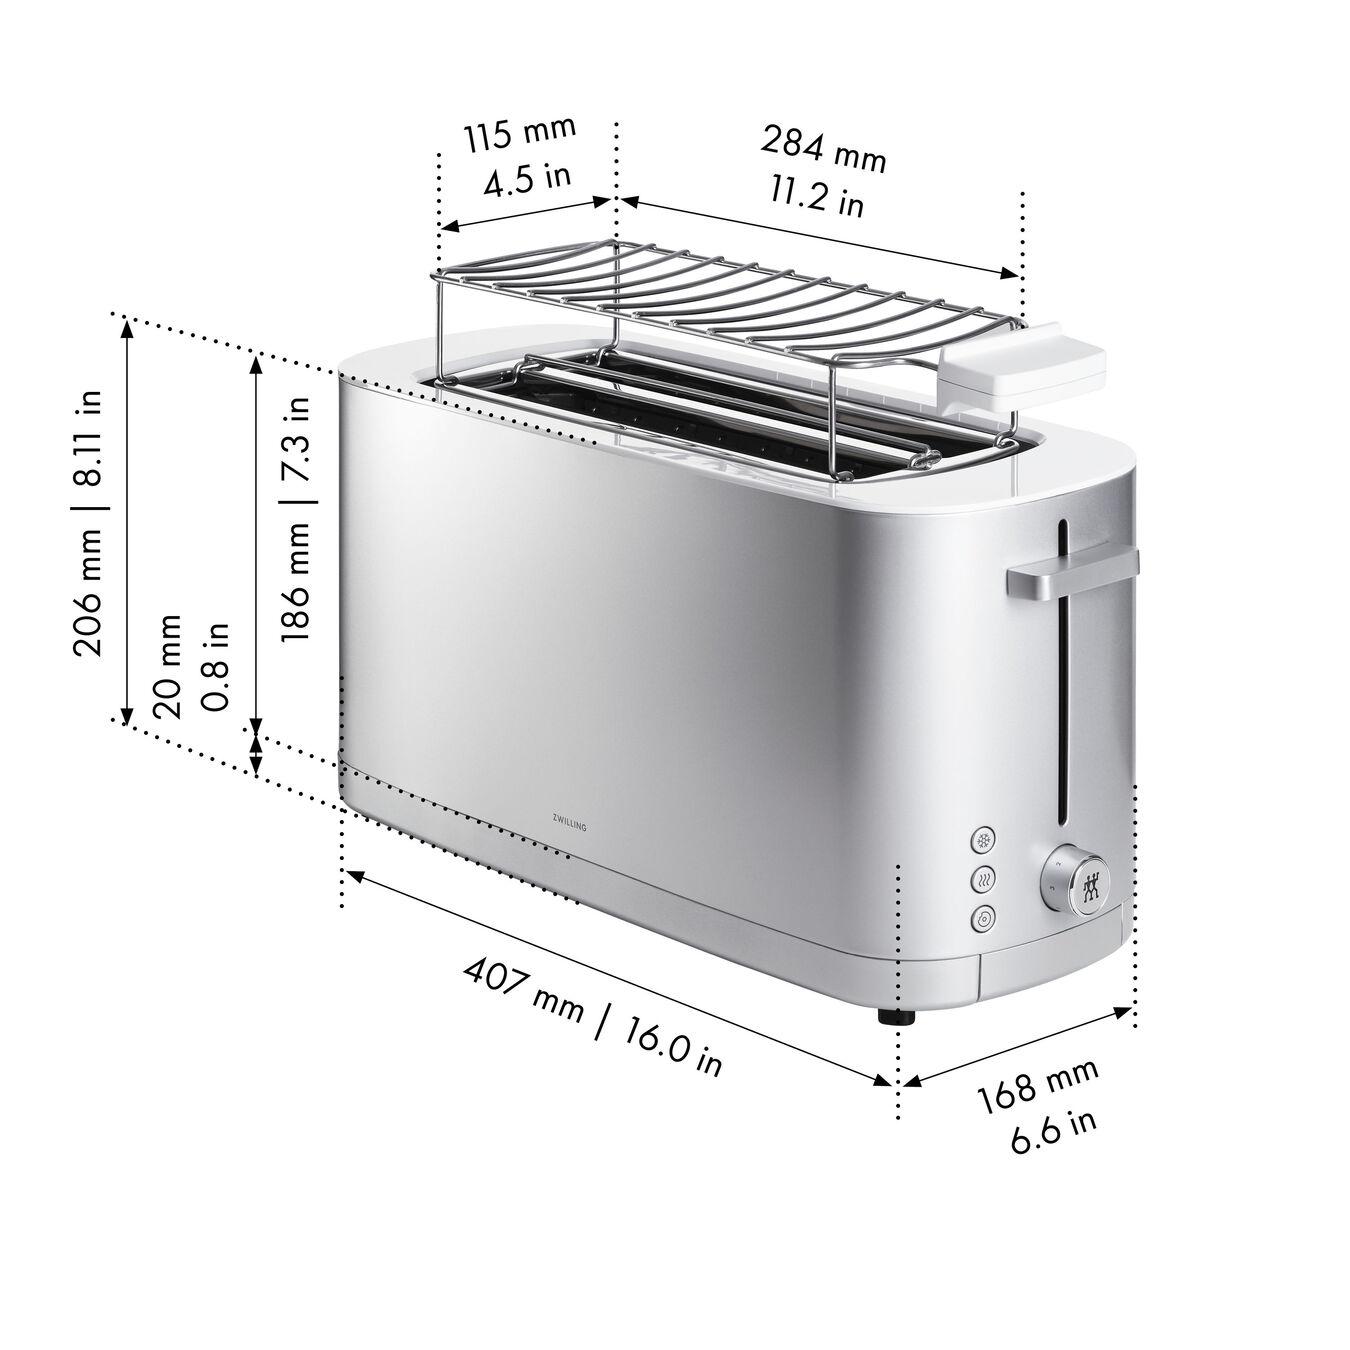 Toaster mit Brötchenaufsatz, 2 Schlitze lang, Silber,,large 9